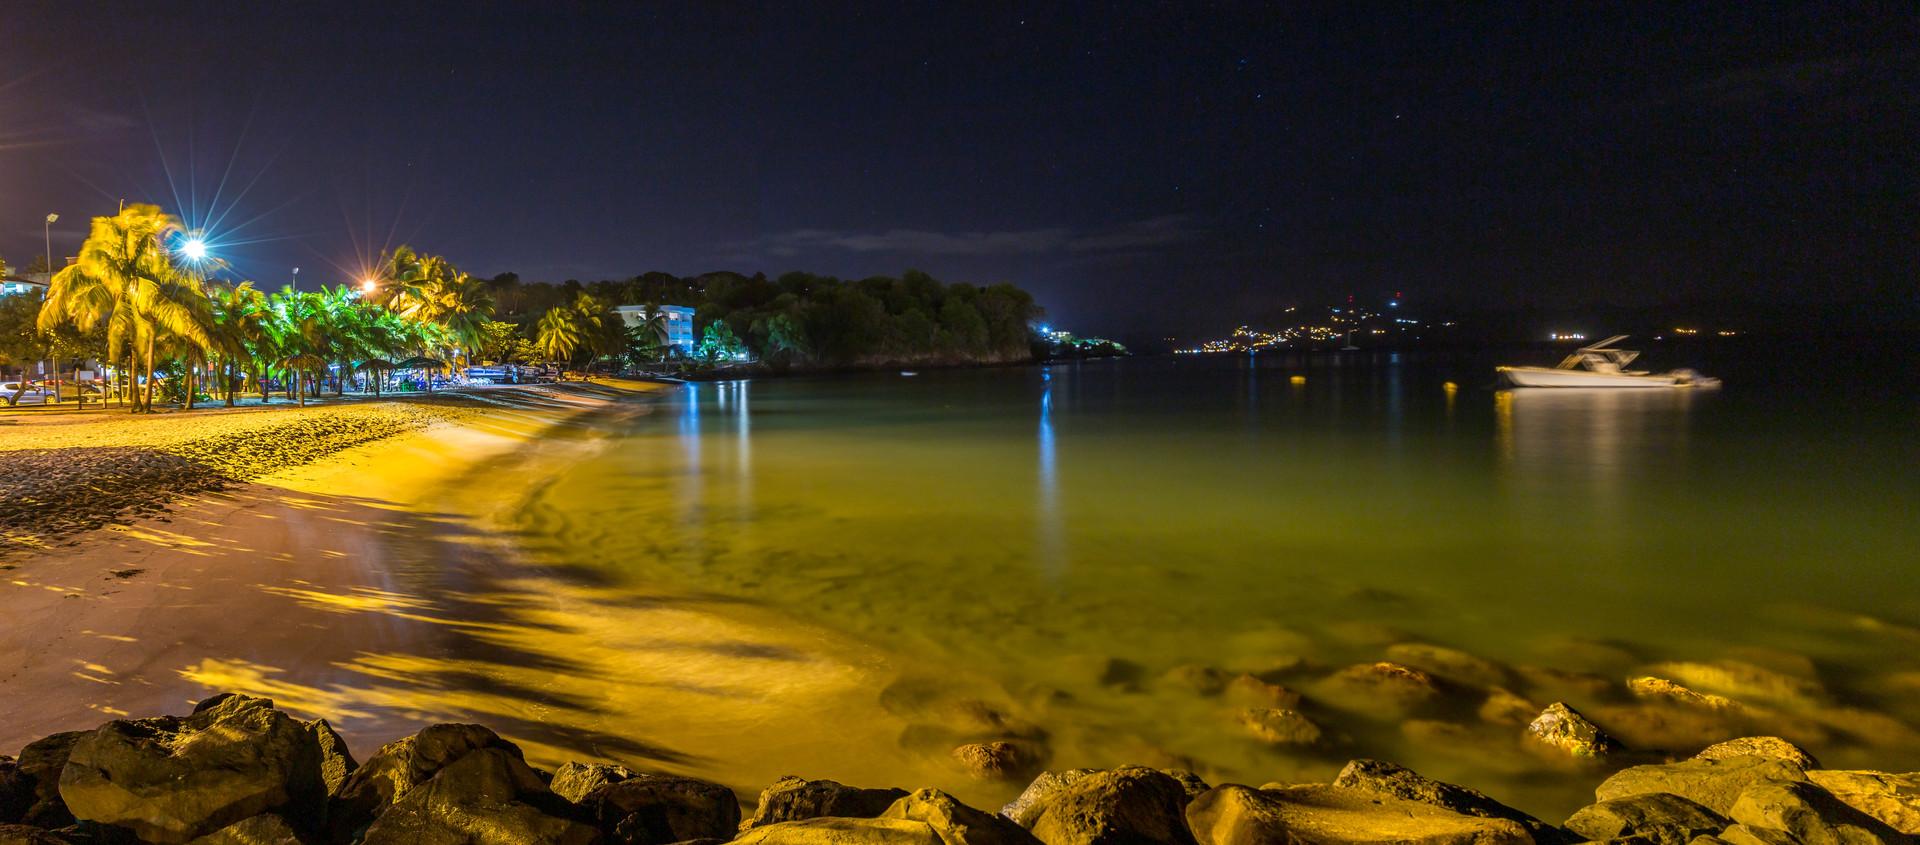 Photographie de nuit de la plage à Schoelcher